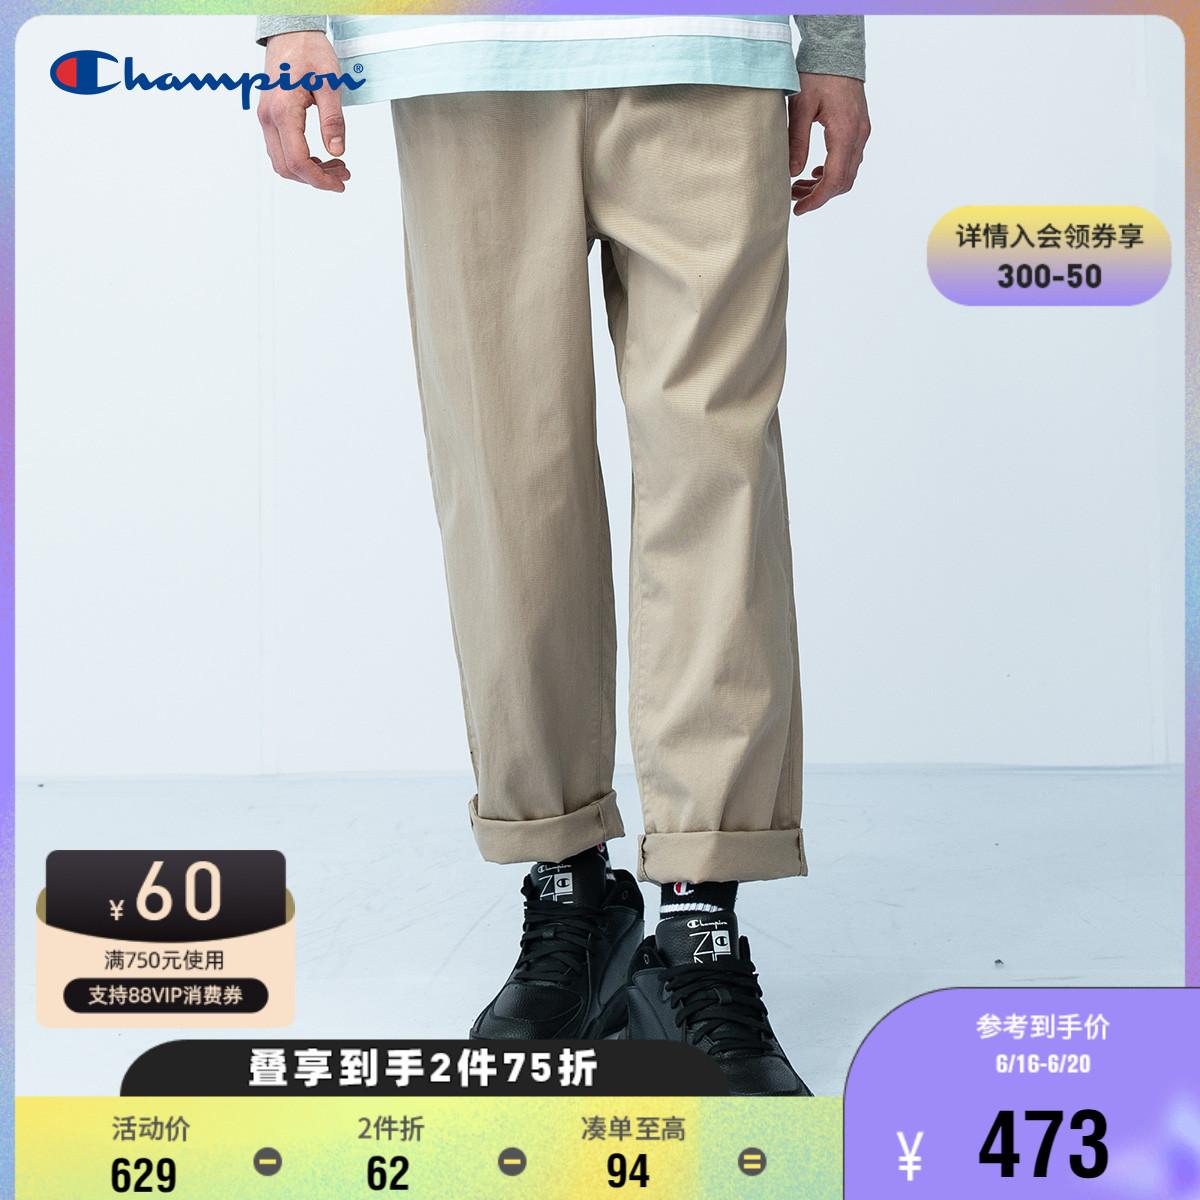 Champion冠军裤子男士宽松春夏休闲长裤松紧腰潮牌日系直筒工装裤